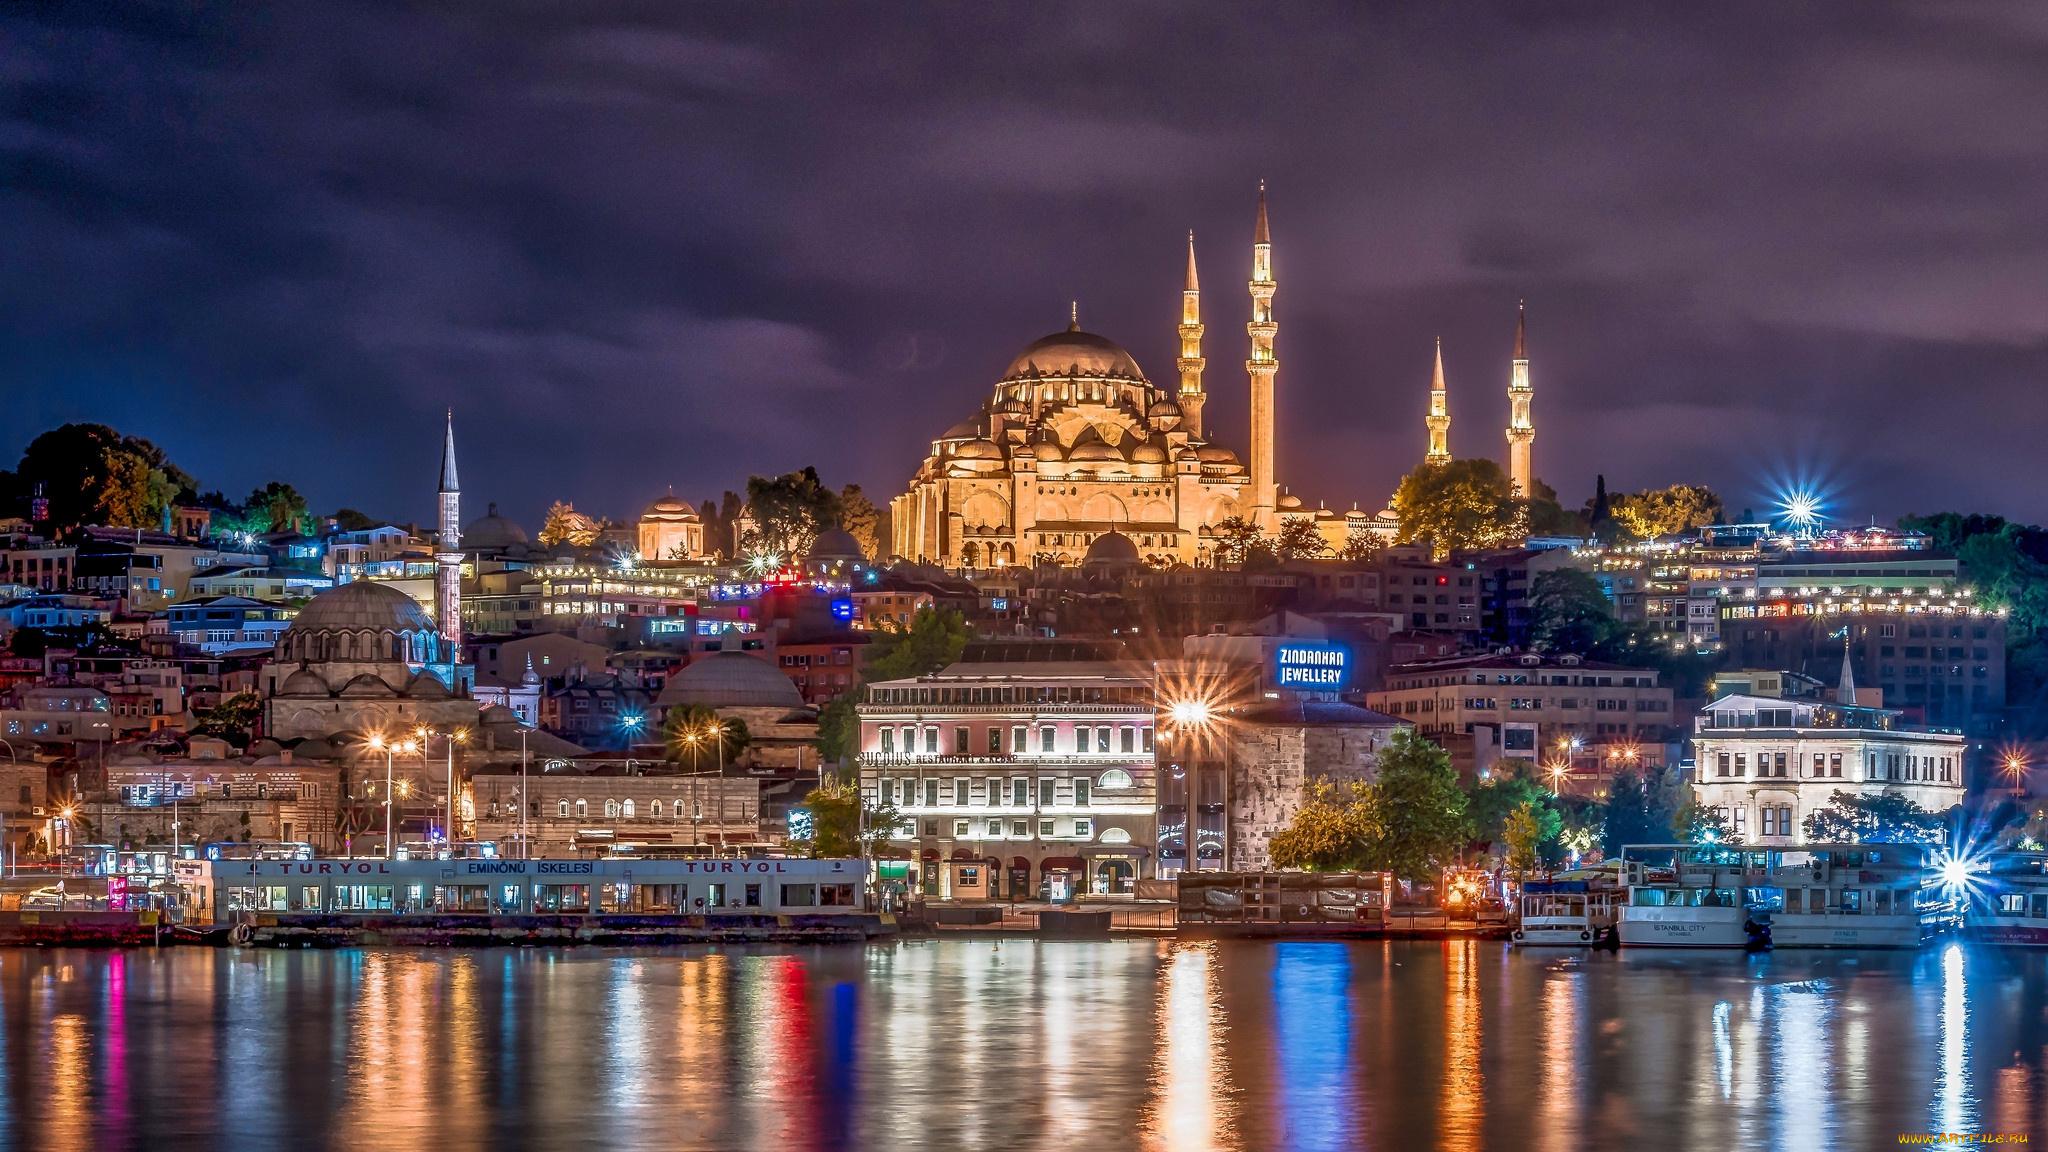 Турция в картинках смотреть, картинки про